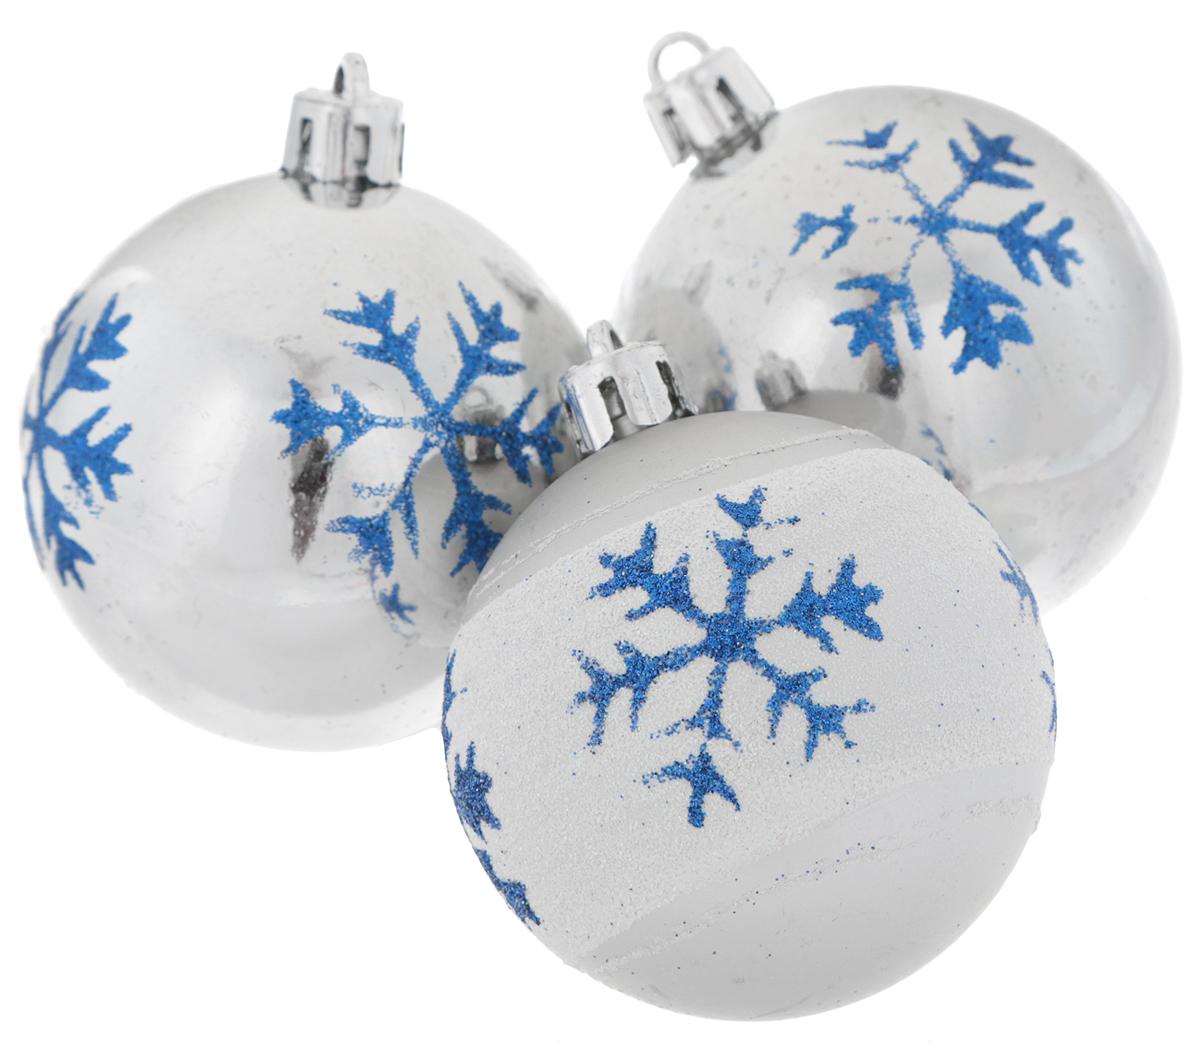 Набор новогодних подвесных украшений EuroHouse, цвет: серебристый, белый, синий, диаметр 6 см, 3 штЕХ9268_1 белый, серебристый/2 серебристыйНабор новогодних подвесных украшений EuroHouse прекрасно подойдет для праздничного декора новогодней ели. Набор состоит из 2 пластиковых украшений в виде глянцевых шаров и 1 матового с белой полосой. Для удобного размещения на елке для каждого изделия предусмотрена текстильная петелька. Елочная игрушка - символ Нового года. Она несет в себе волшебство и красоту праздника. Создайте в своем доме атмосферу веселья и радости, украшая новогоднюю елку нарядными игрушками, которые будут из года в год накапливать теплоту воспоминаний.